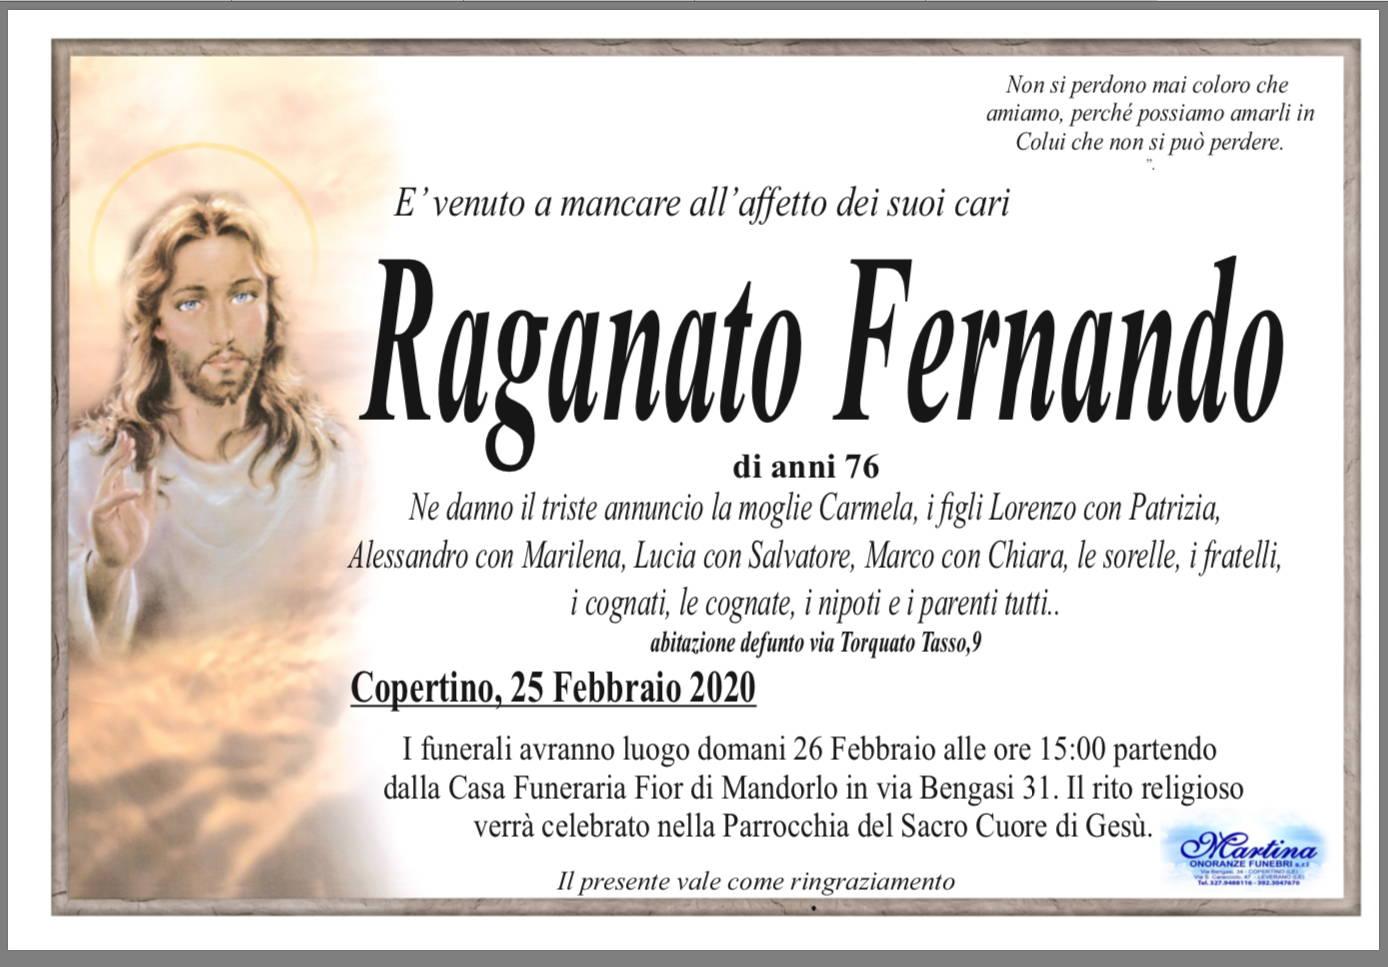 Fernando Raganato